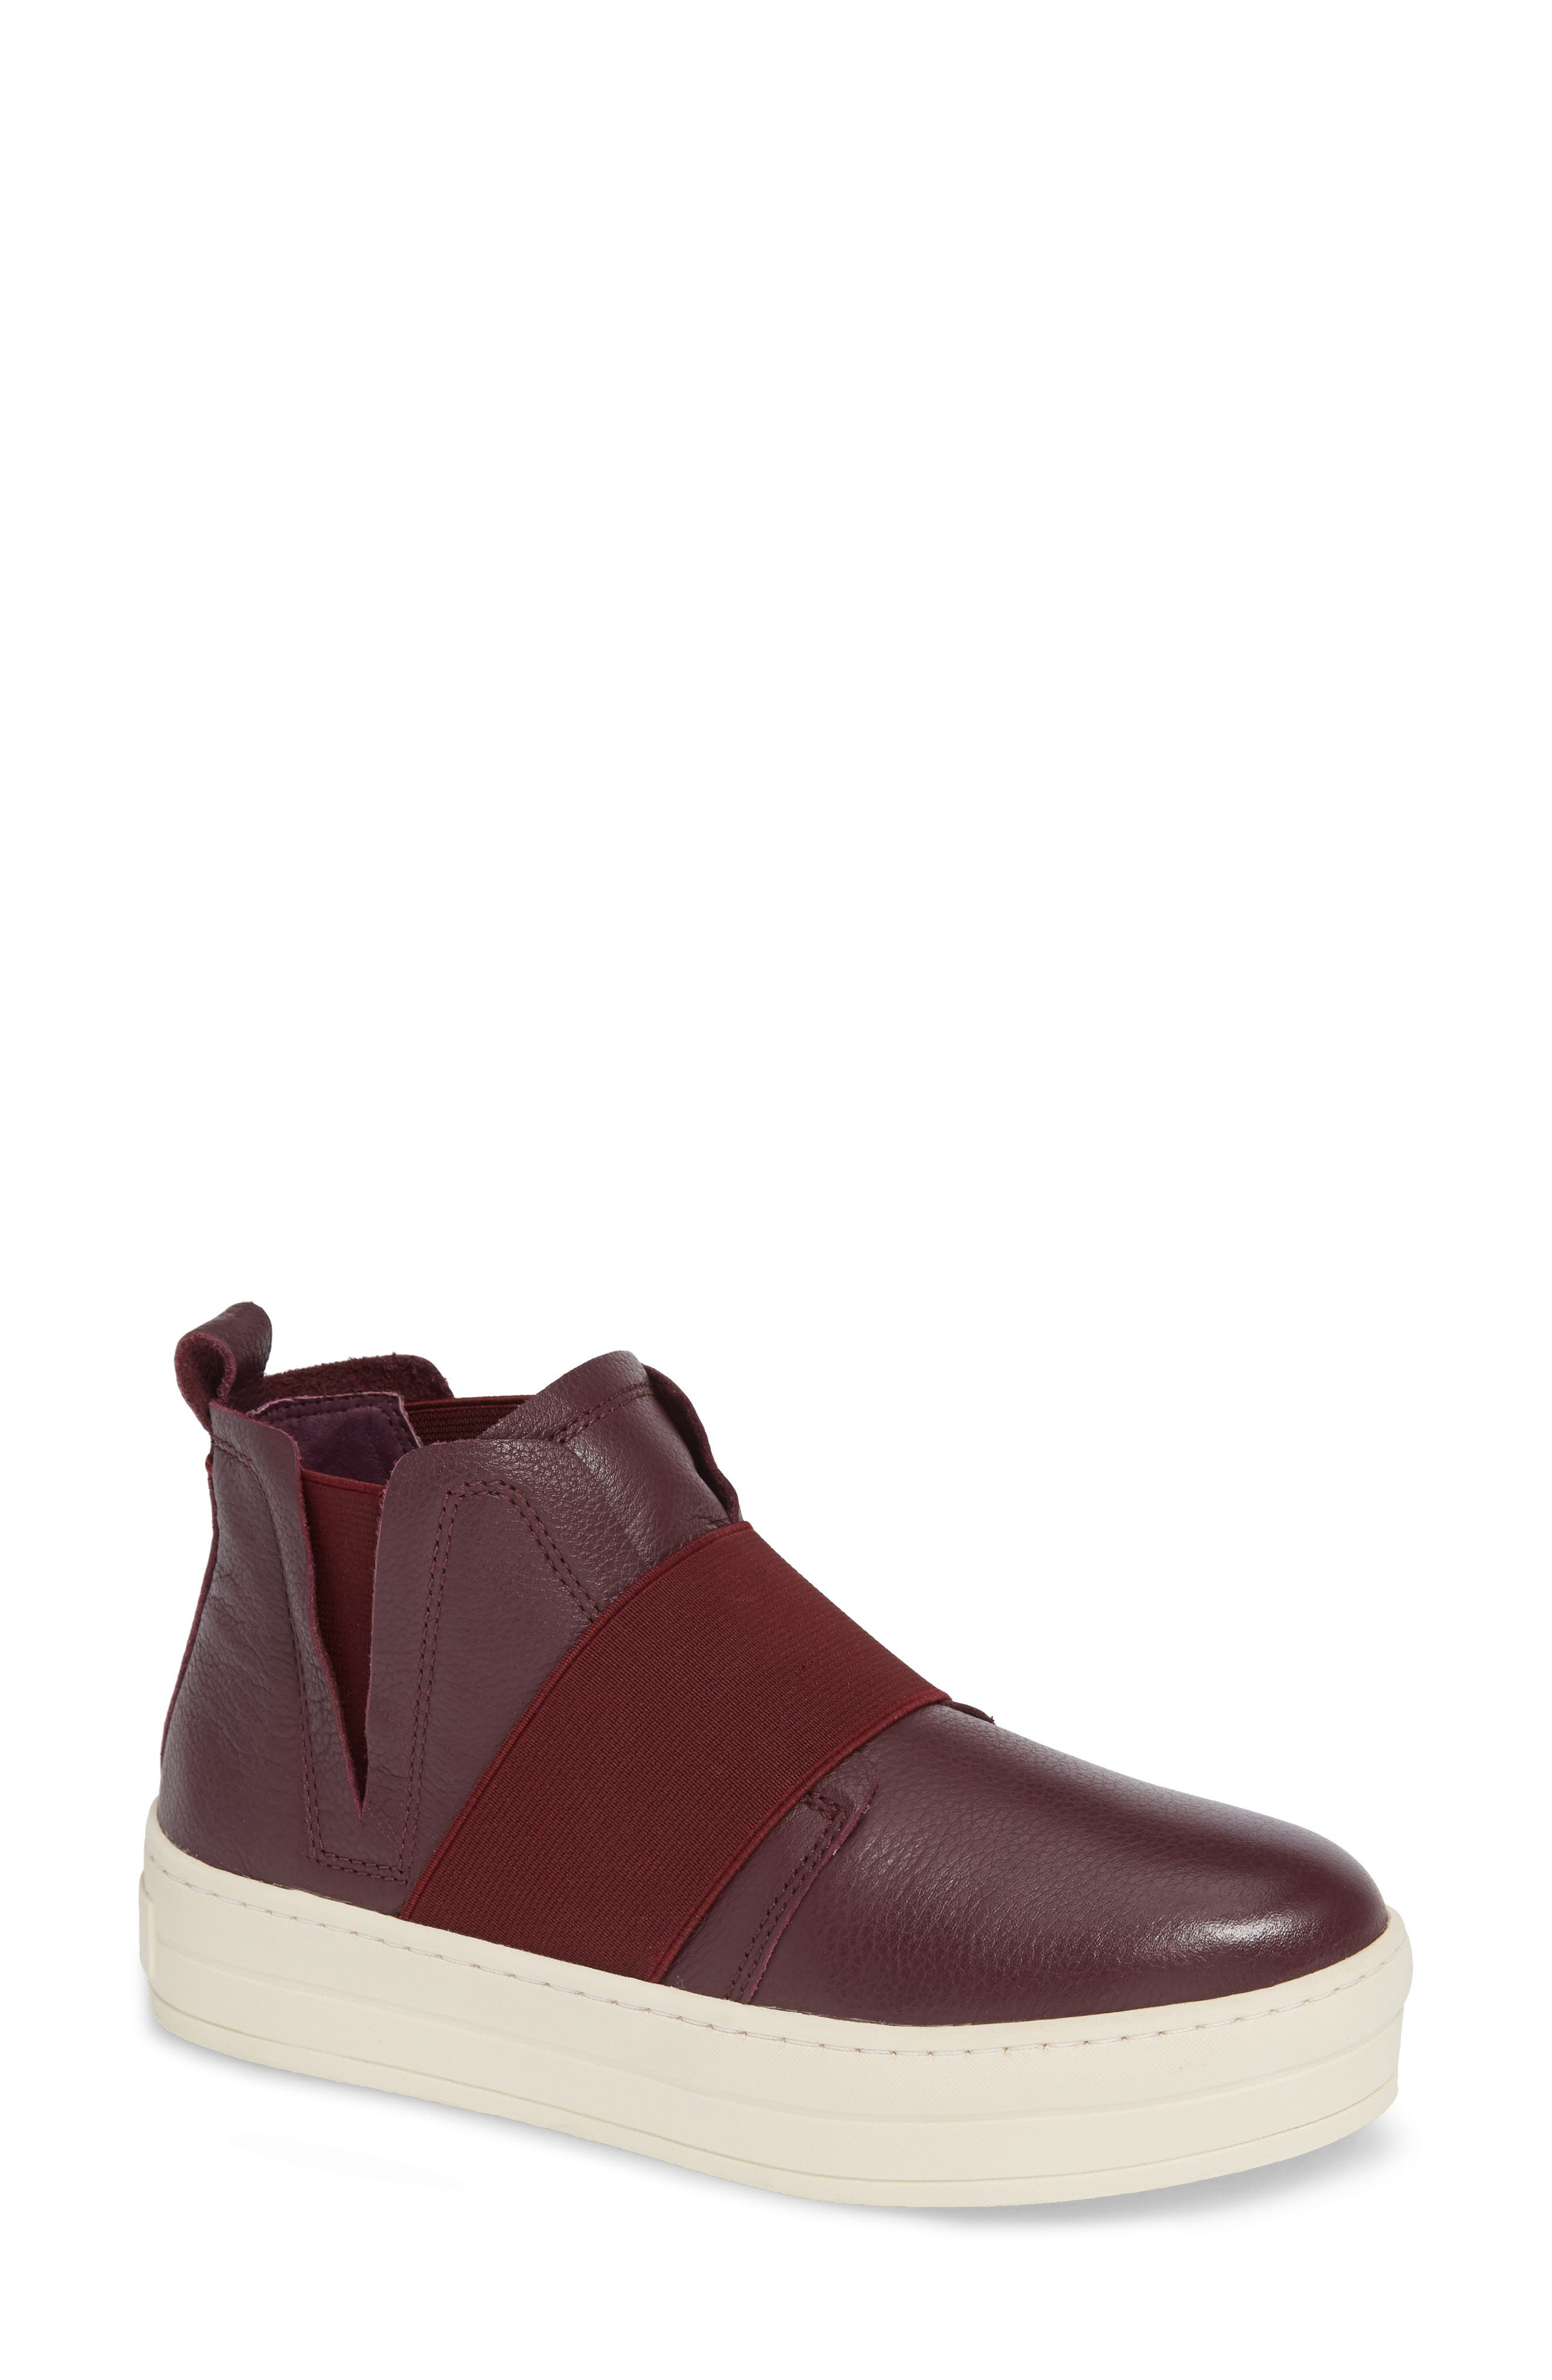 Jslides Holland High Top Platform Sneaker- Burgundy